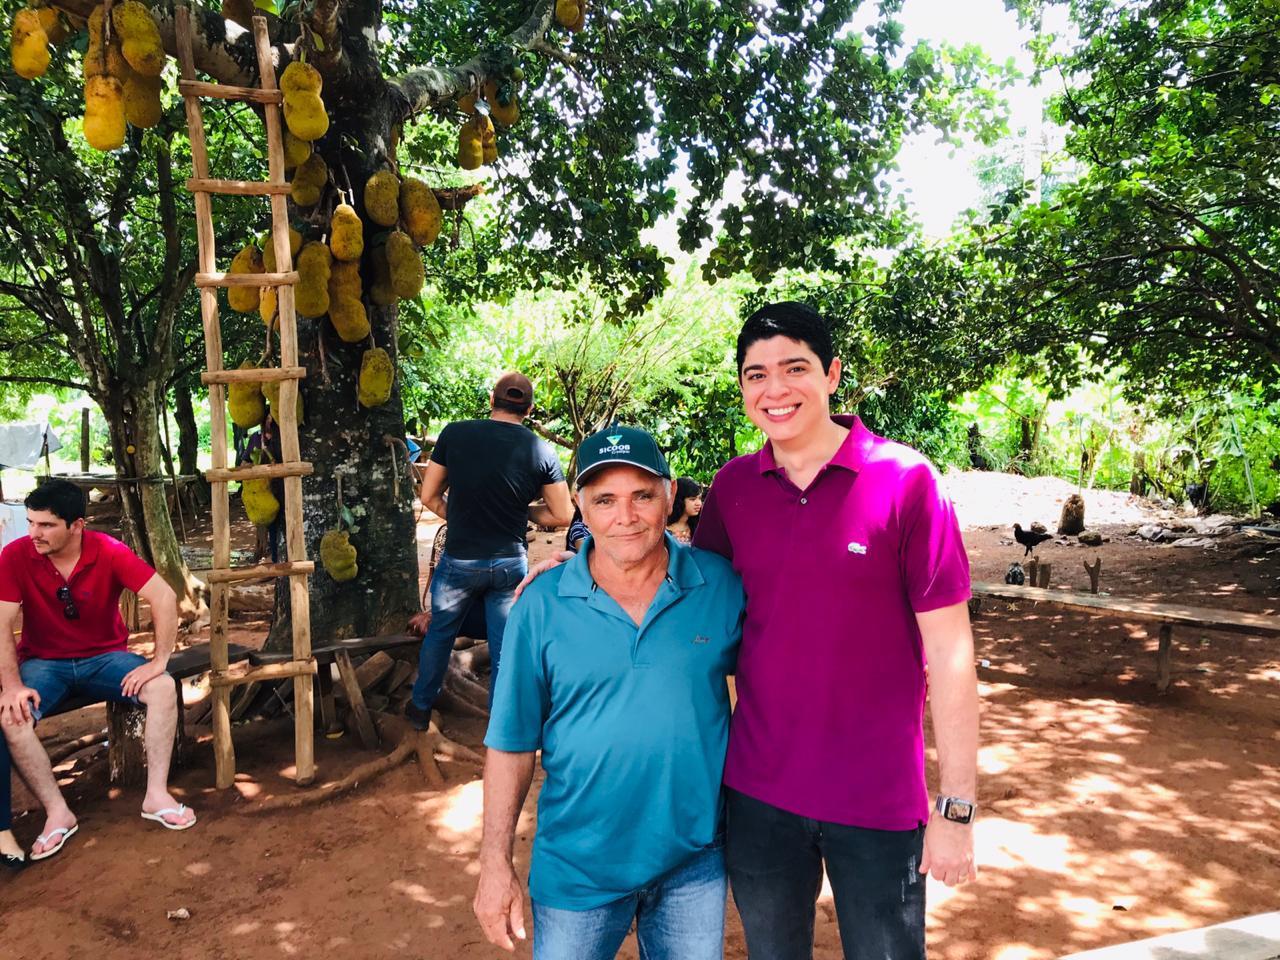 Vice-prefeito de Paraíso (TO) participa de evento religioso na zona rural